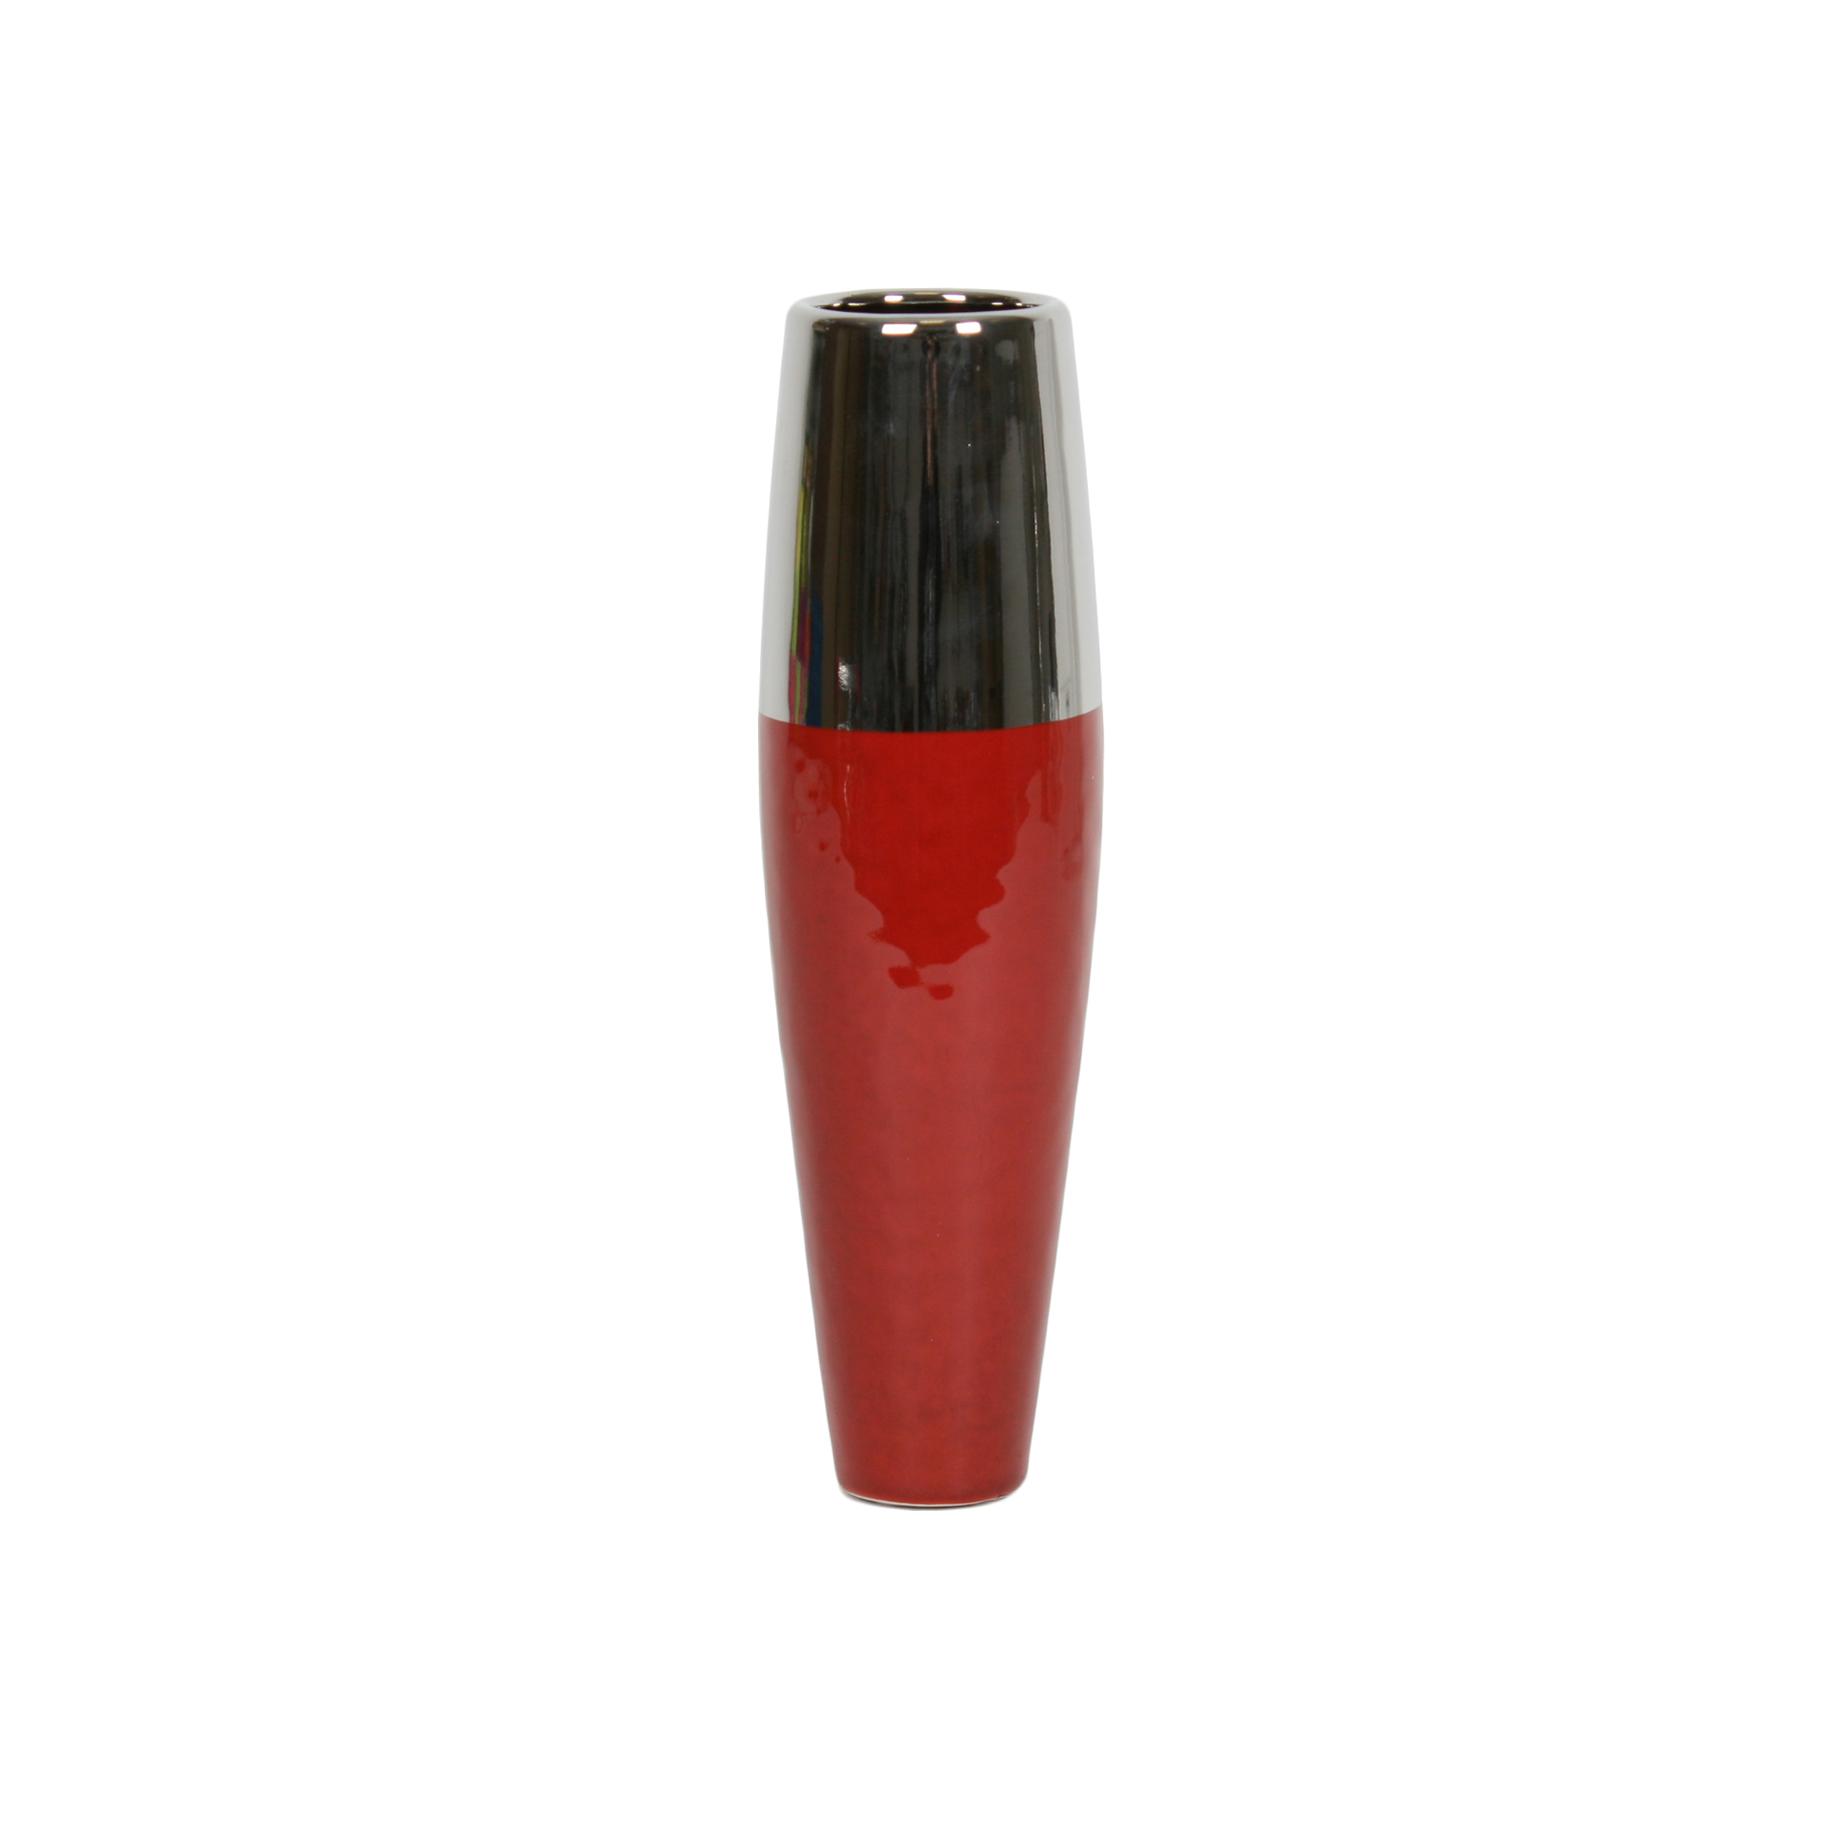 Red/Silver Bullet Vase 30cm